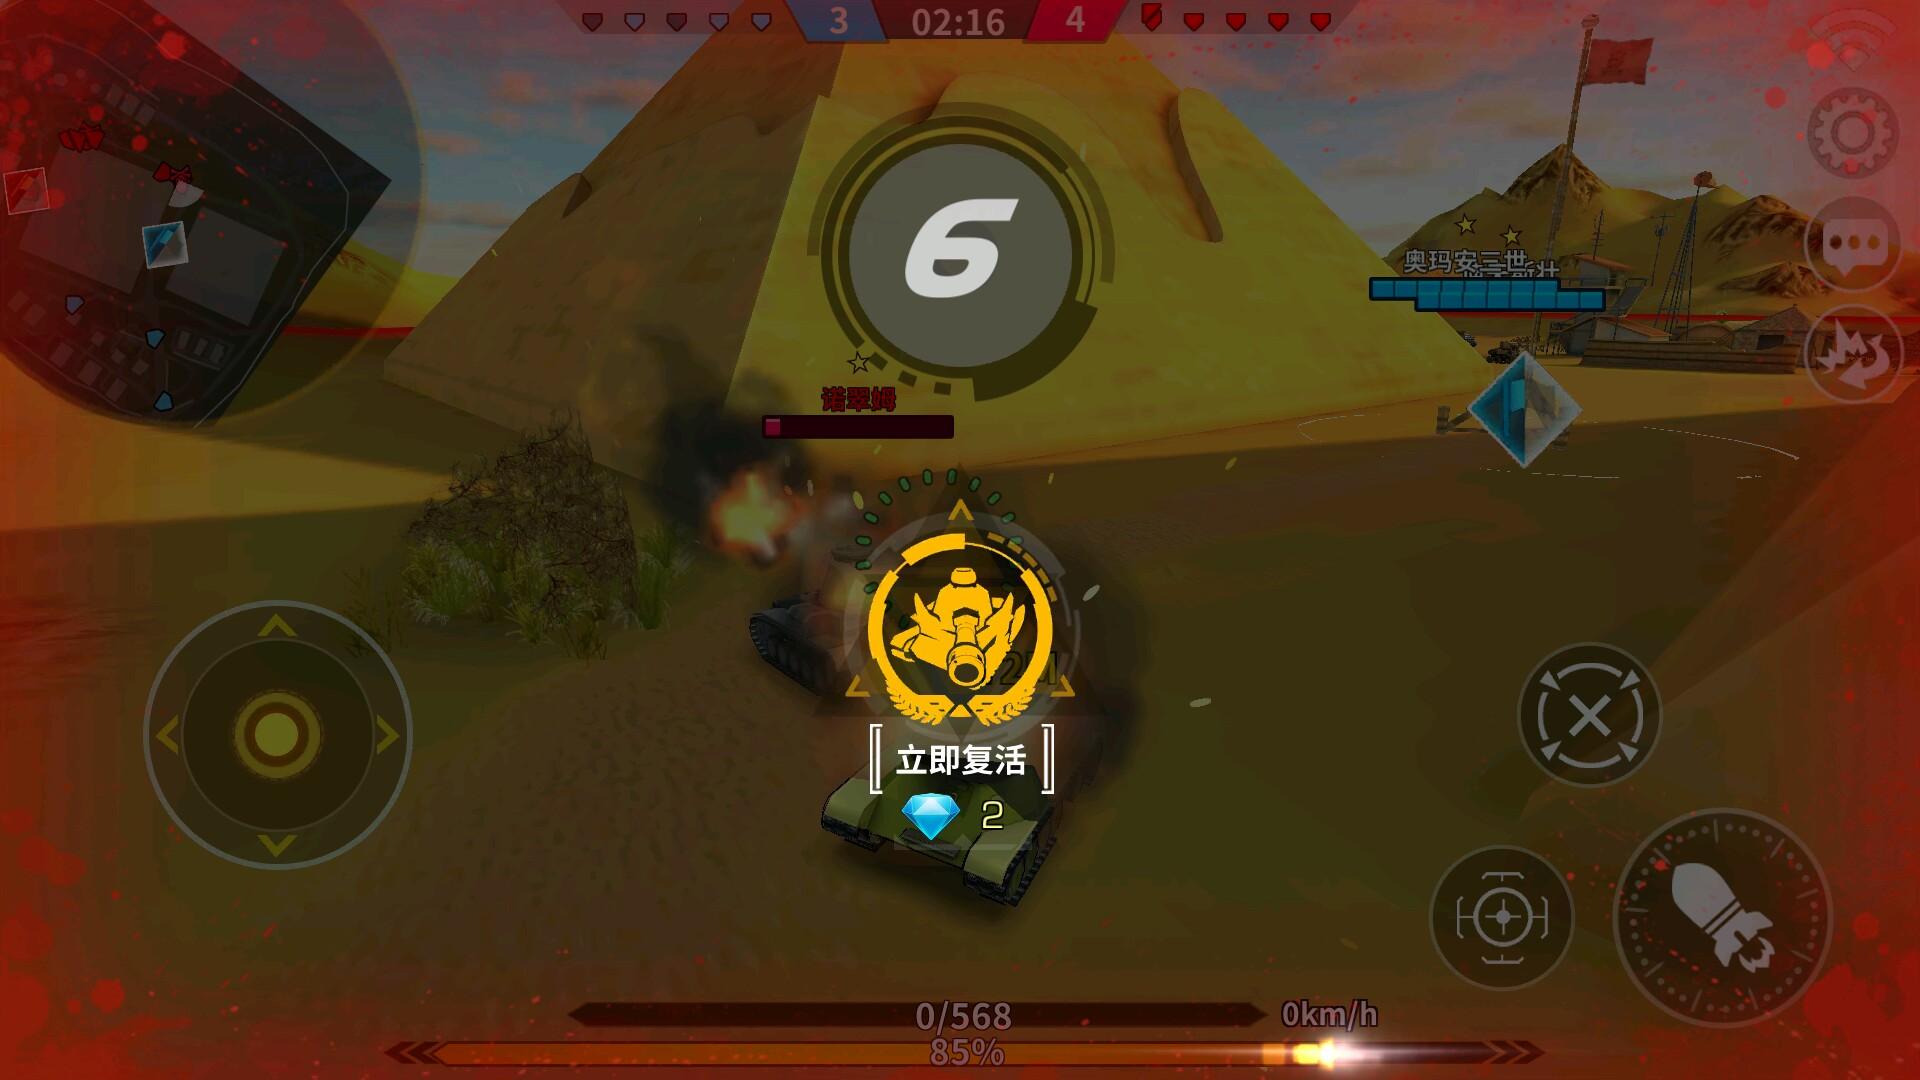 《装甲联盟》游戏截图UI欣赏52